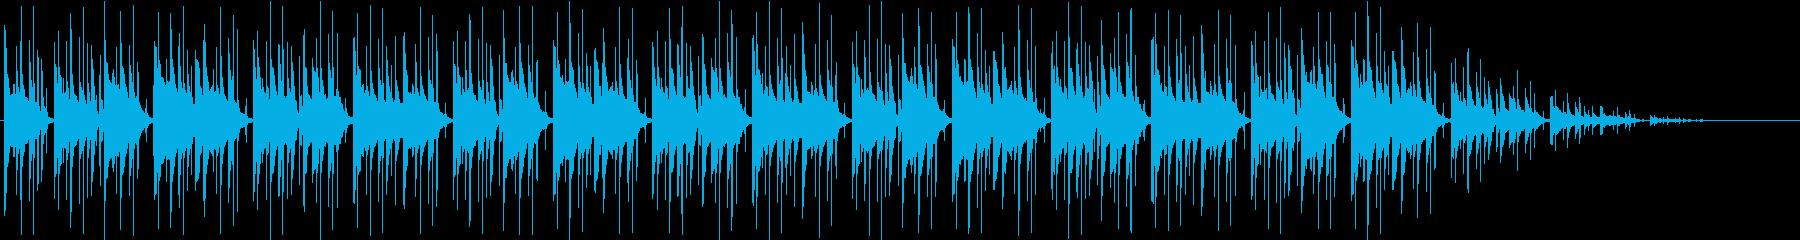 ゲーム・フィールド系モノのループ曲2の再生済みの波形